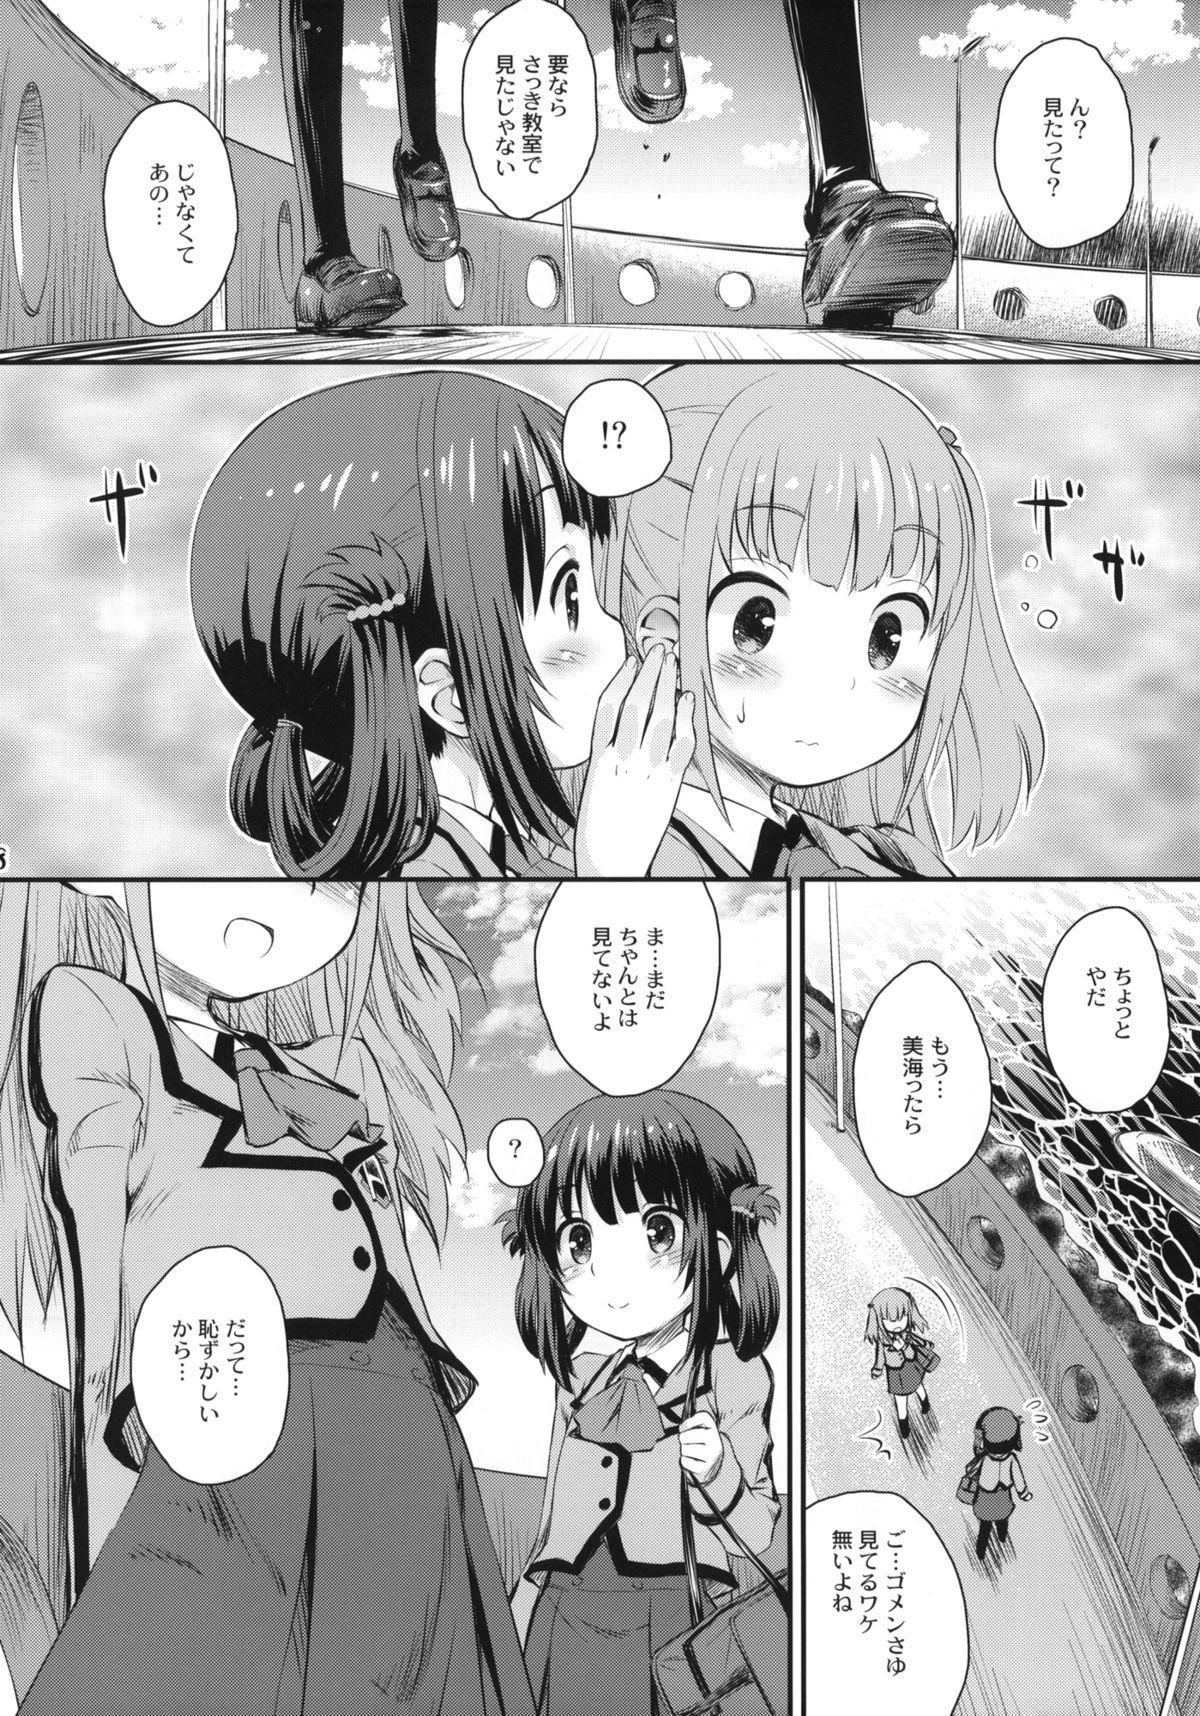 Hatsu Miuna 6